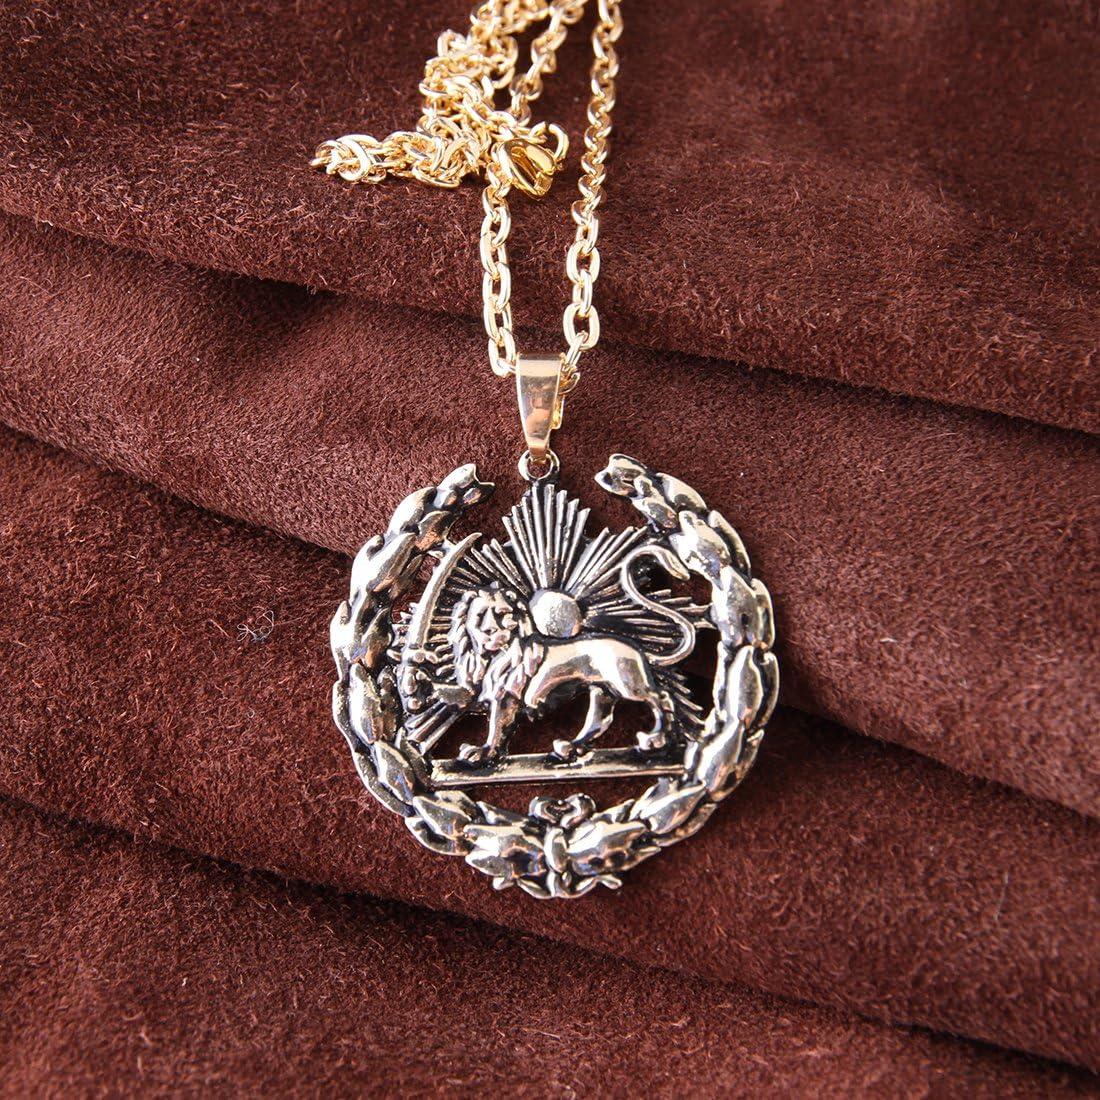 Dor/é antique PT Shir Khorshid Lion Soleil Pahlavi Collier Iranienne persan Cha/îne Iran Art